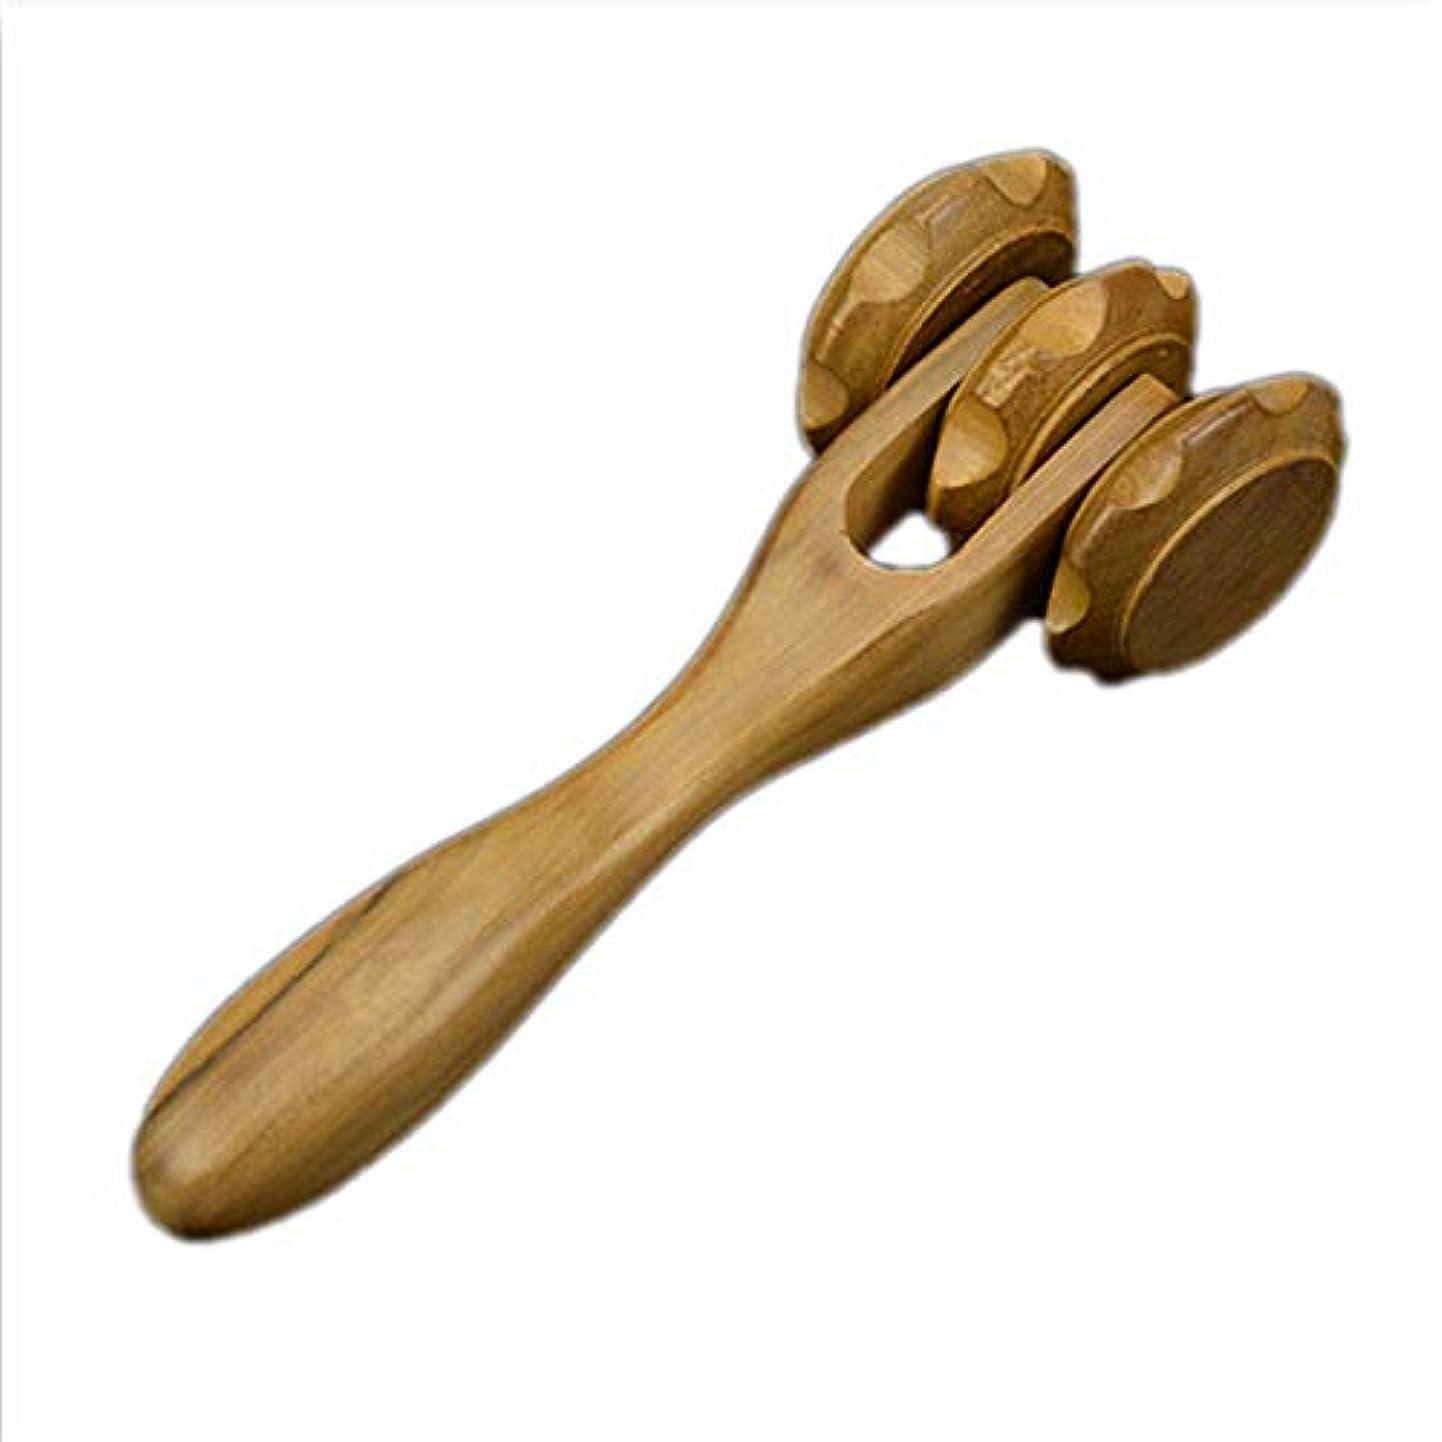 代名詞シャーロットブロンテ硬化するフェリモア マッサージローラー 木製 ツボ押し 3連ローラー 首 肩 腰 二の腕 美顔 筋肉 (ブラウン)